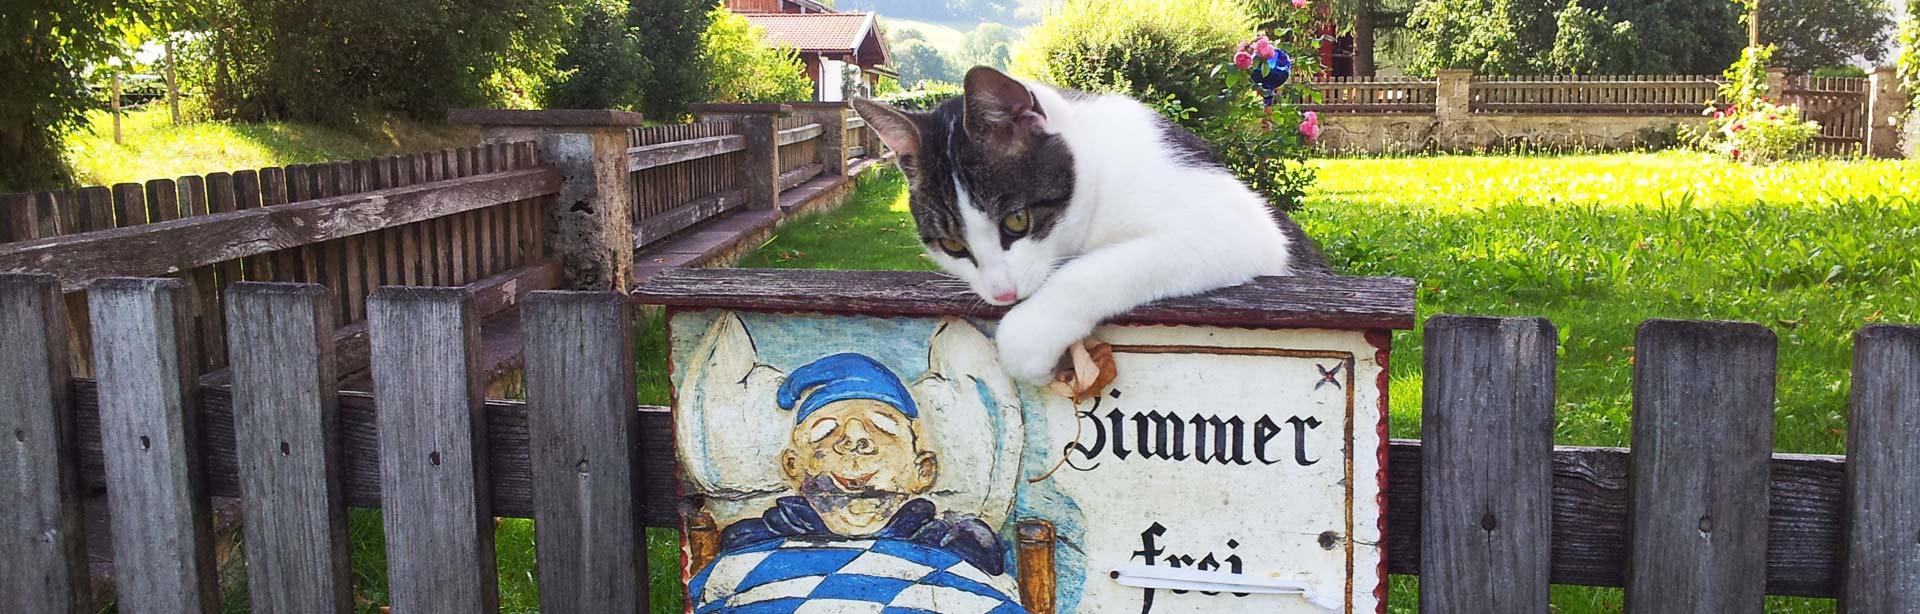 Bild Katze auf Zaun